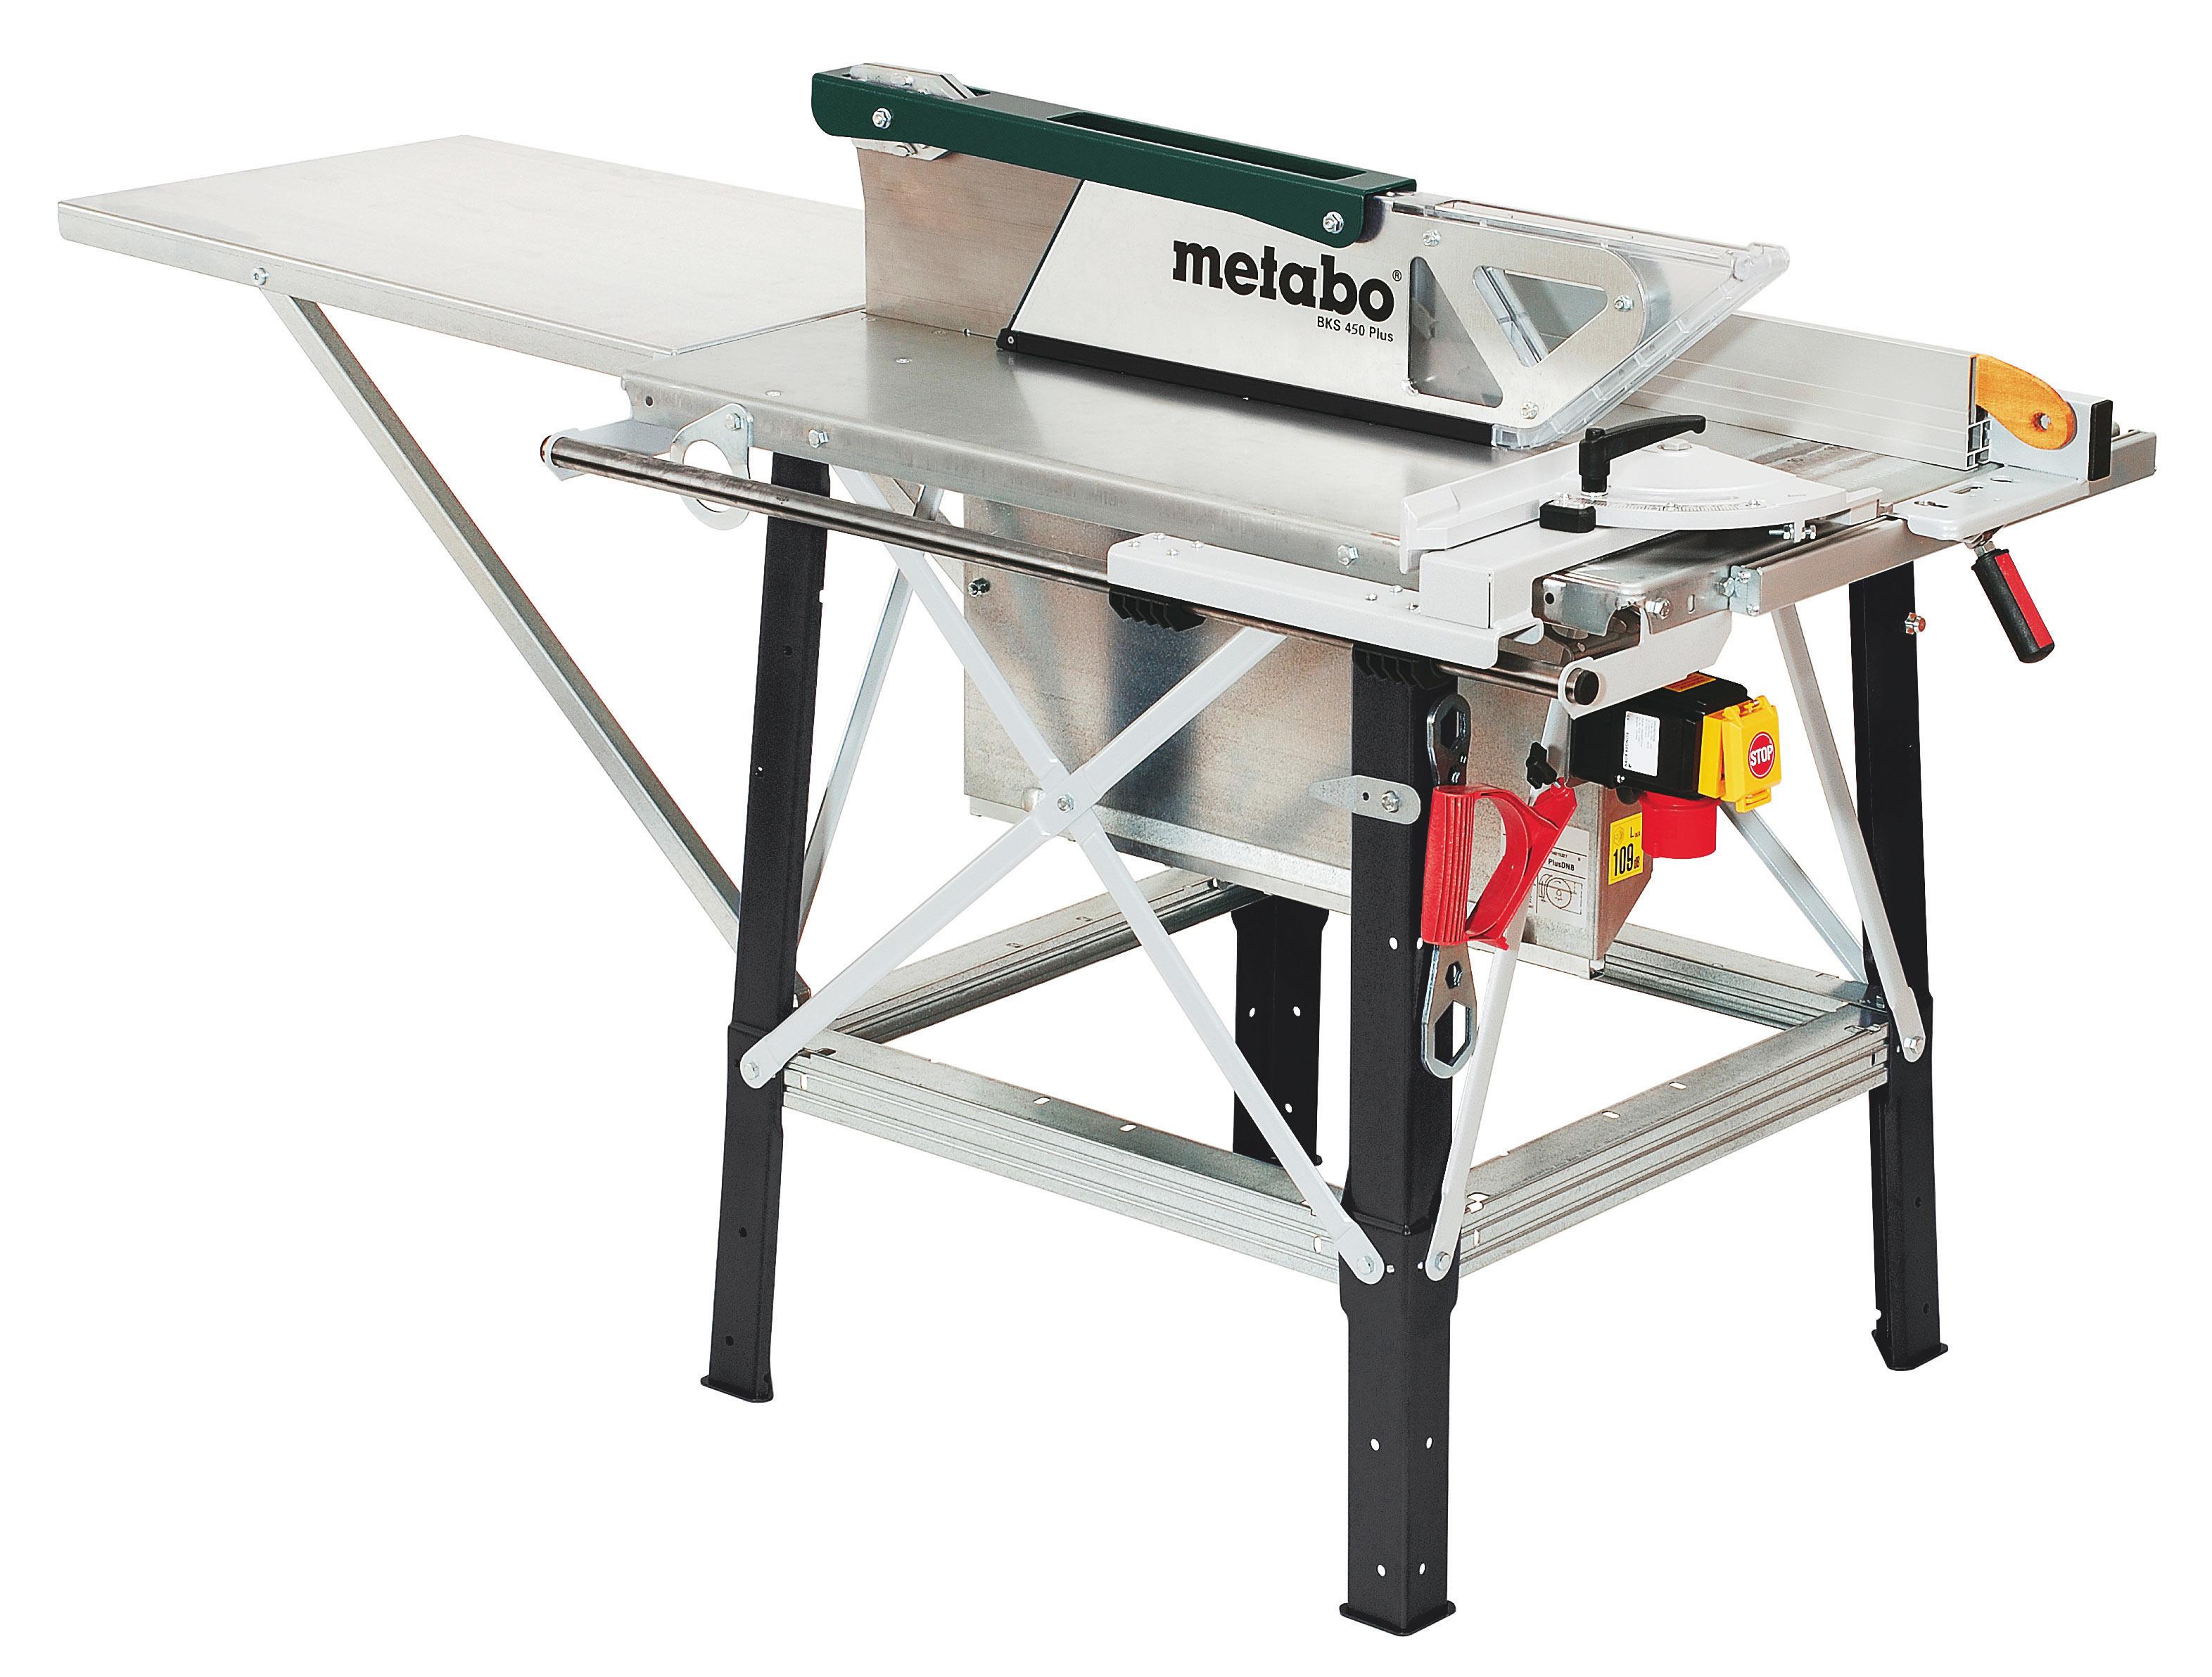 metabo bks 450 plus 5 5 dnb p t ipari k rf r sz 400 v a technoroll shopban. Black Bedroom Furniture Sets. Home Design Ideas